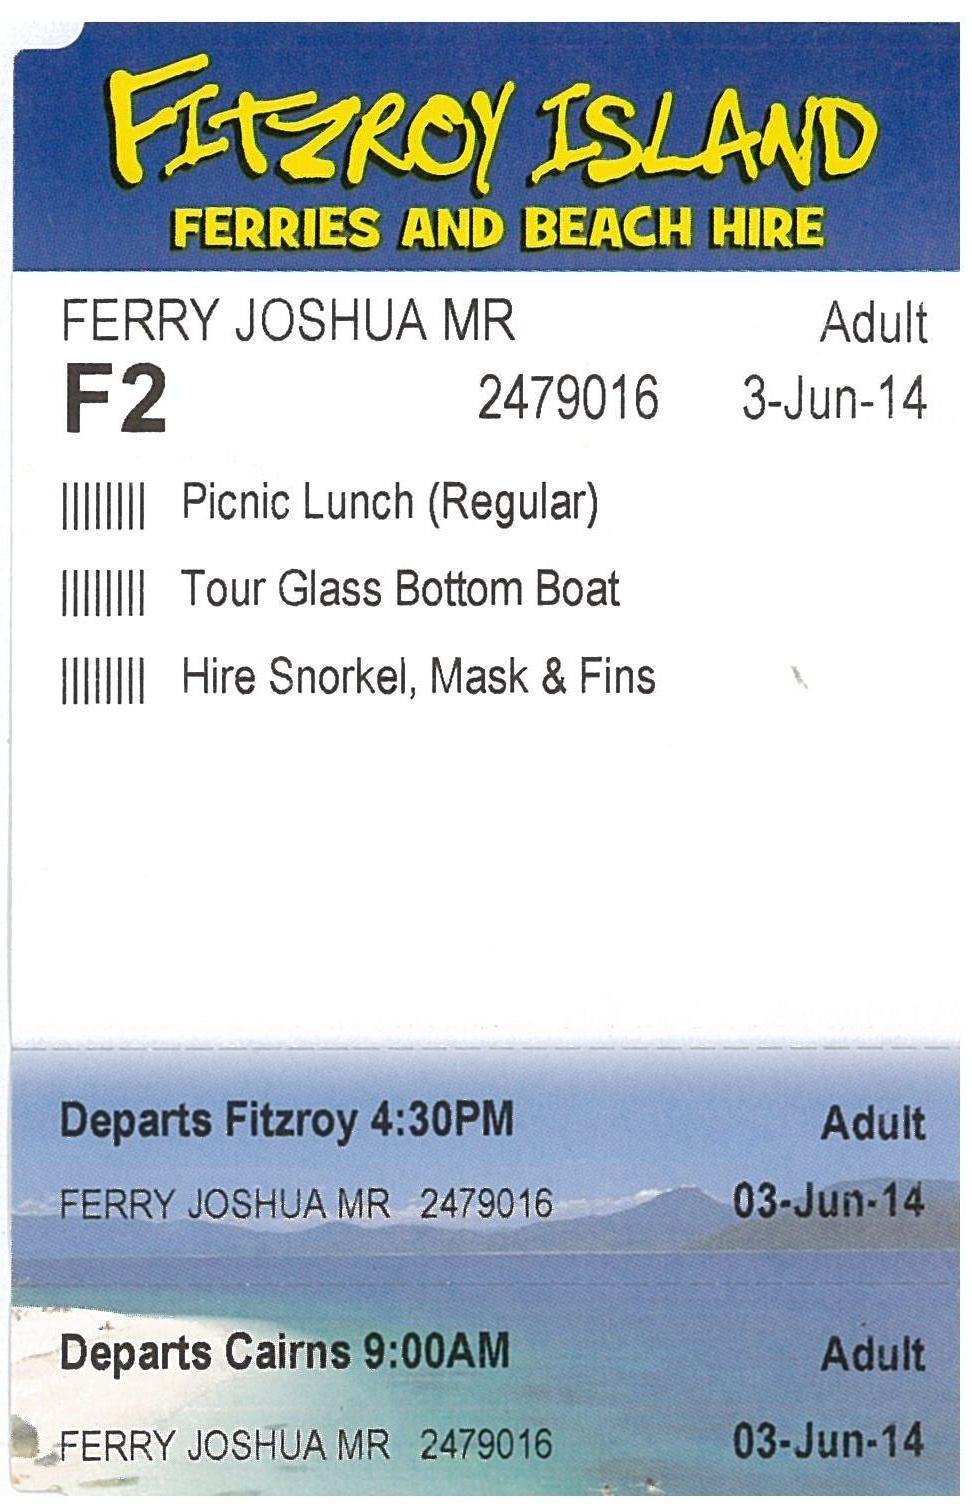 乗船券には含まれるランチ、アクティビティの内容が記載されています